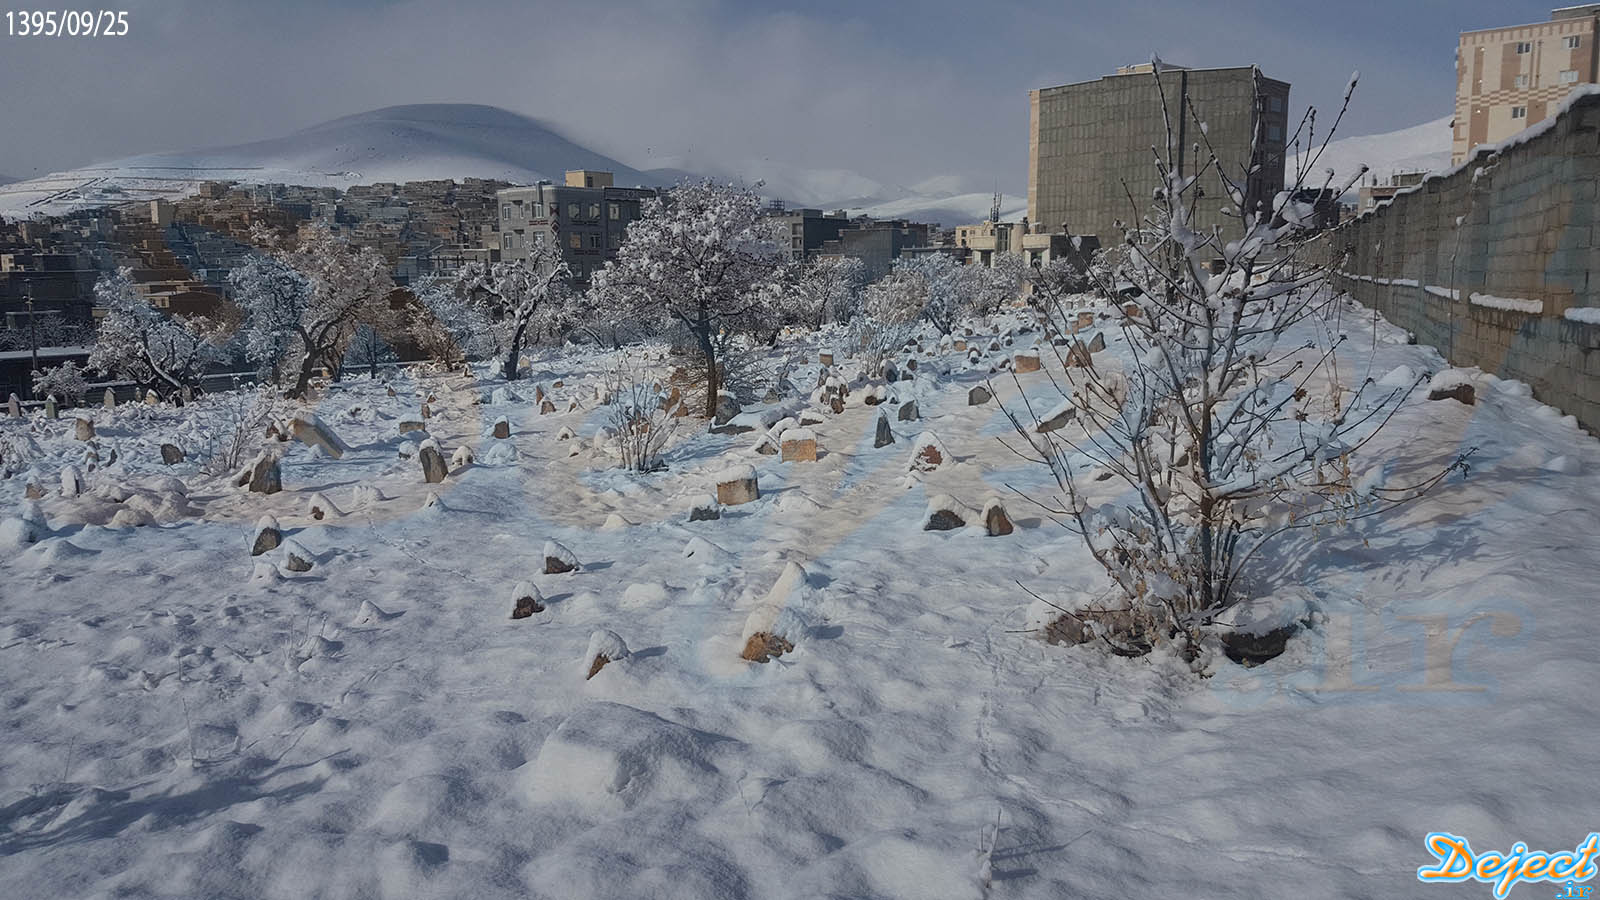 بارش برف در شهرستان سقز 1395/09/25